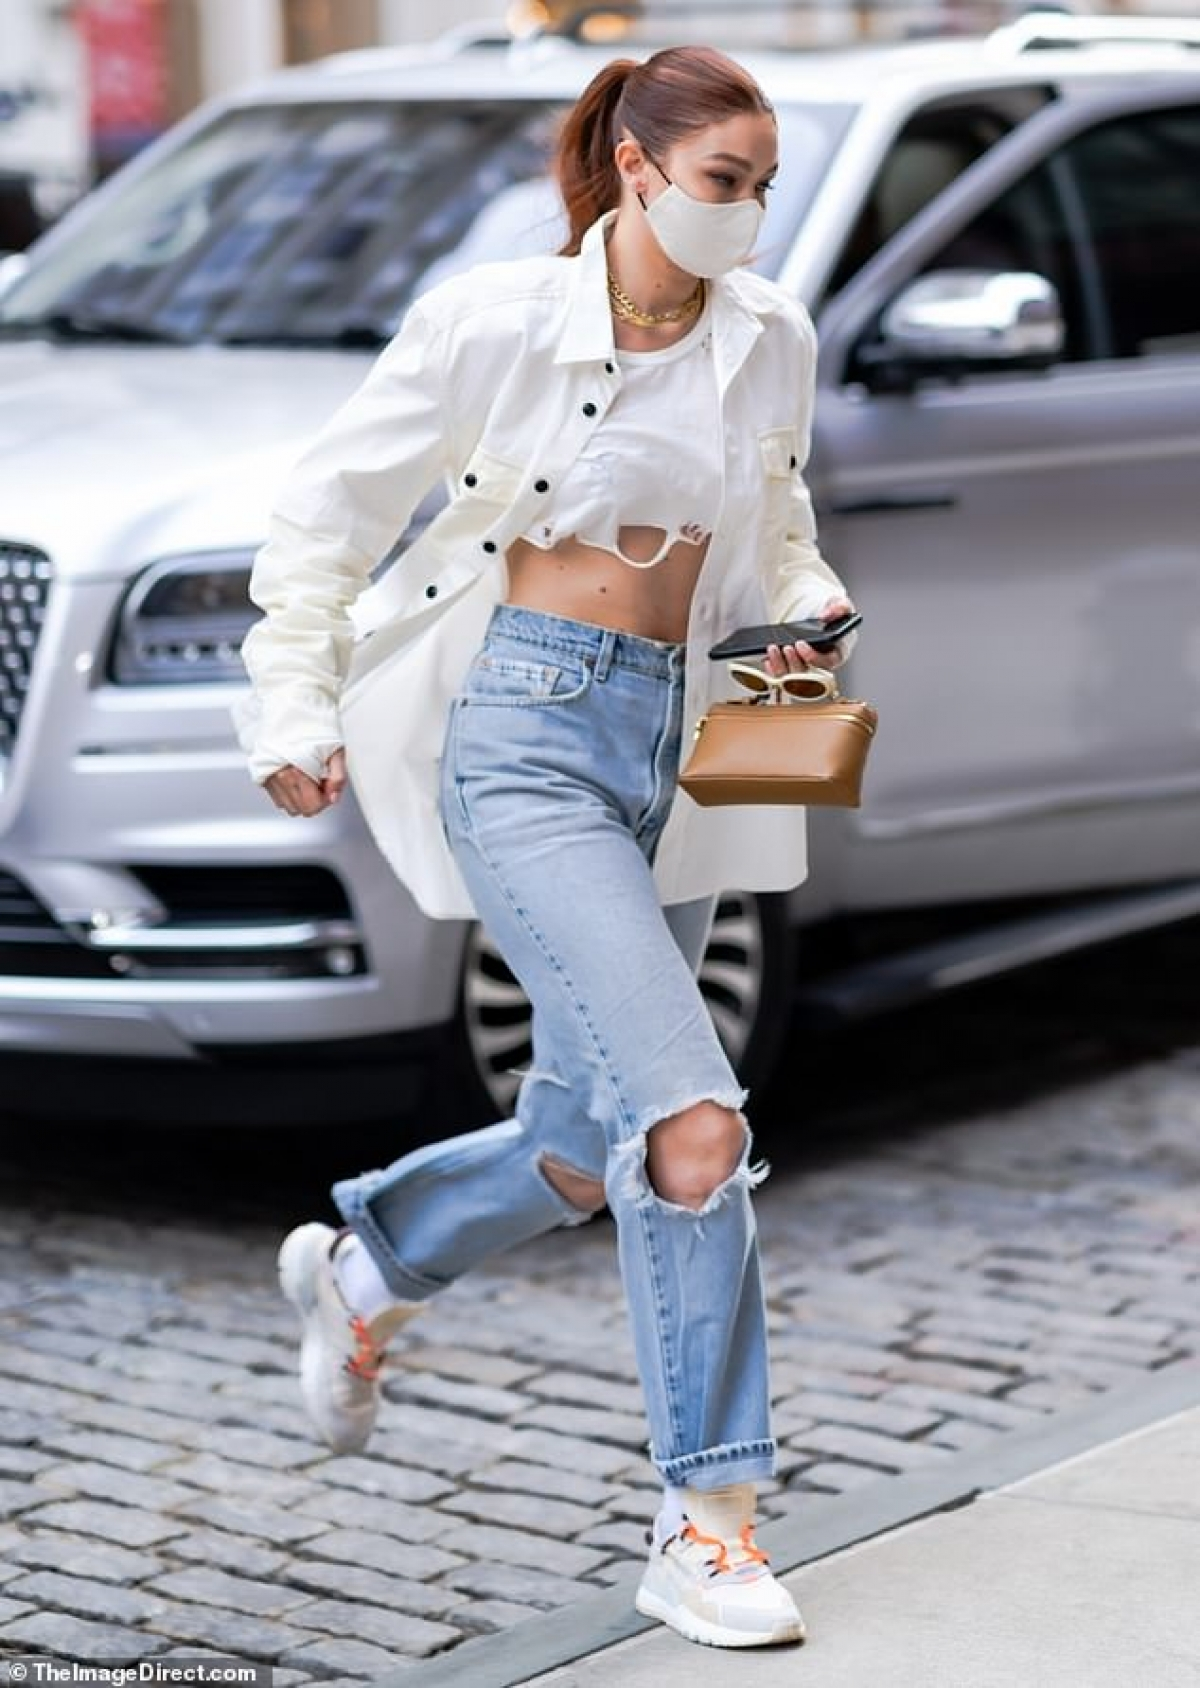 Gigi Hadid vội vã rời khỏi studio sau buổi chụp hình ở New York diễn ra hôm 11/4 vừa qua.